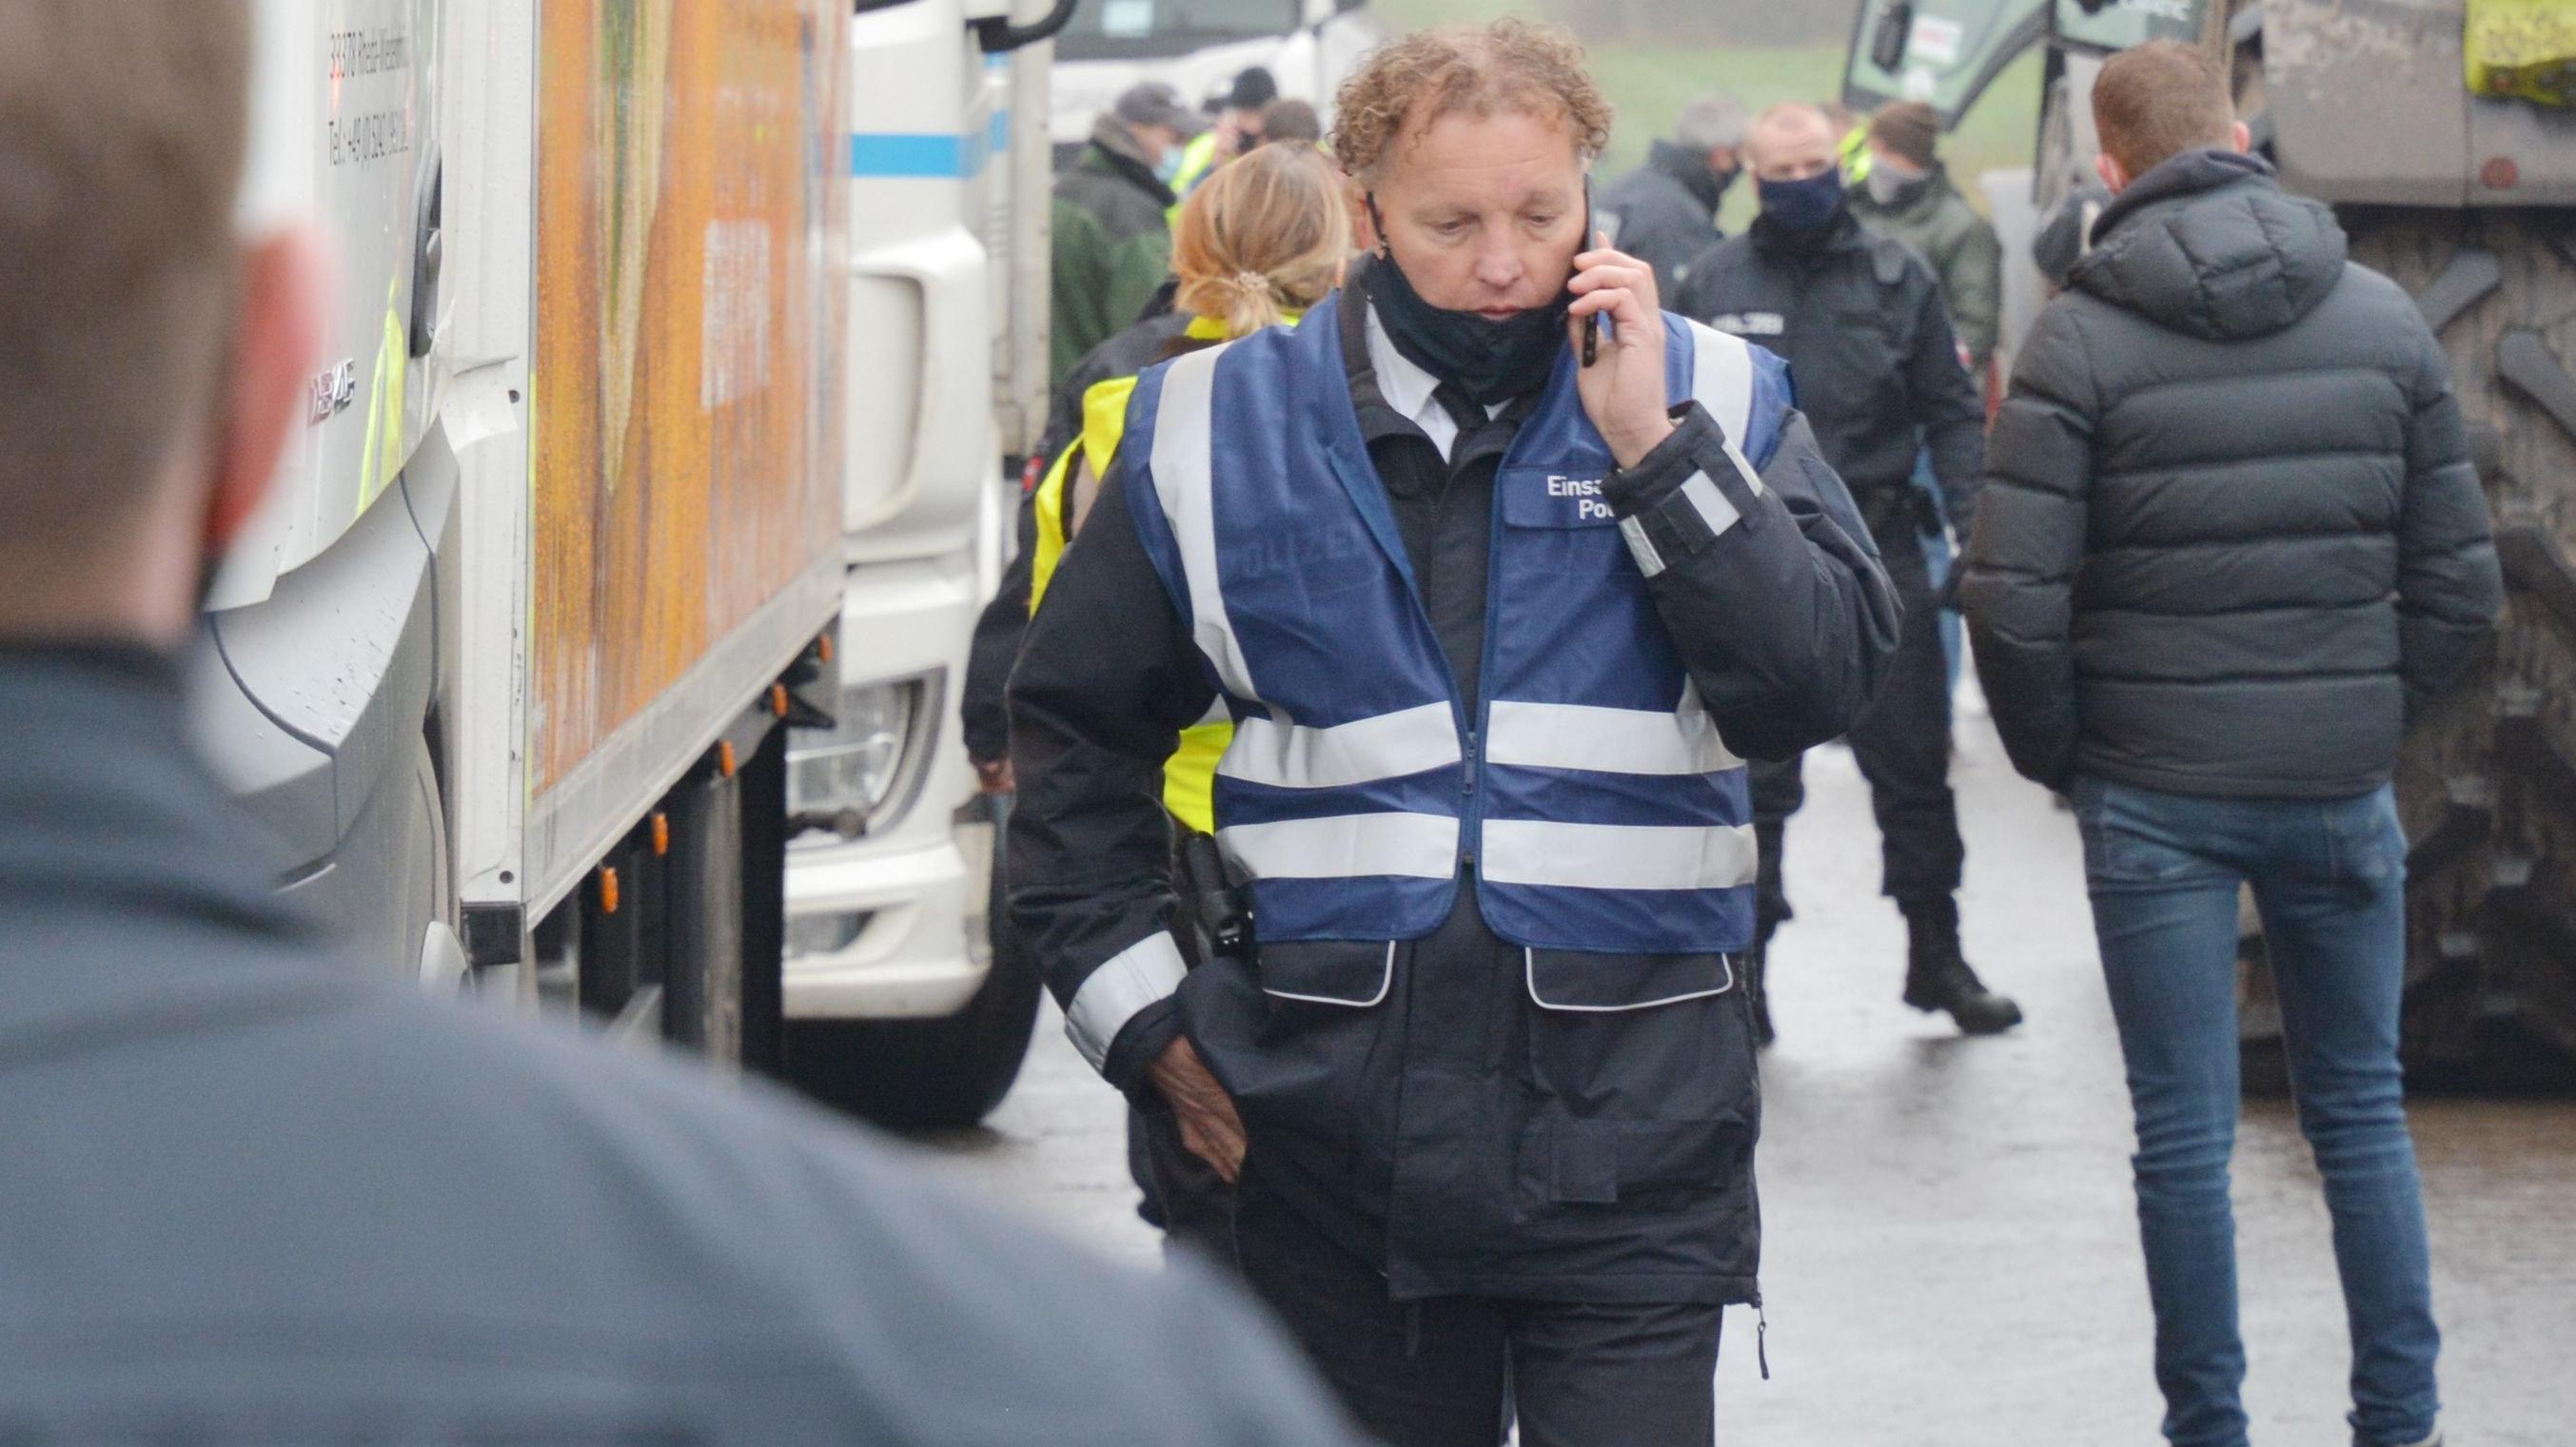 Immer im Gespräch: Einsatzleiter Walter Sieveke versuchte, eine friedliche Lösung bei der Demonstration zu finden. Foto: Hermes